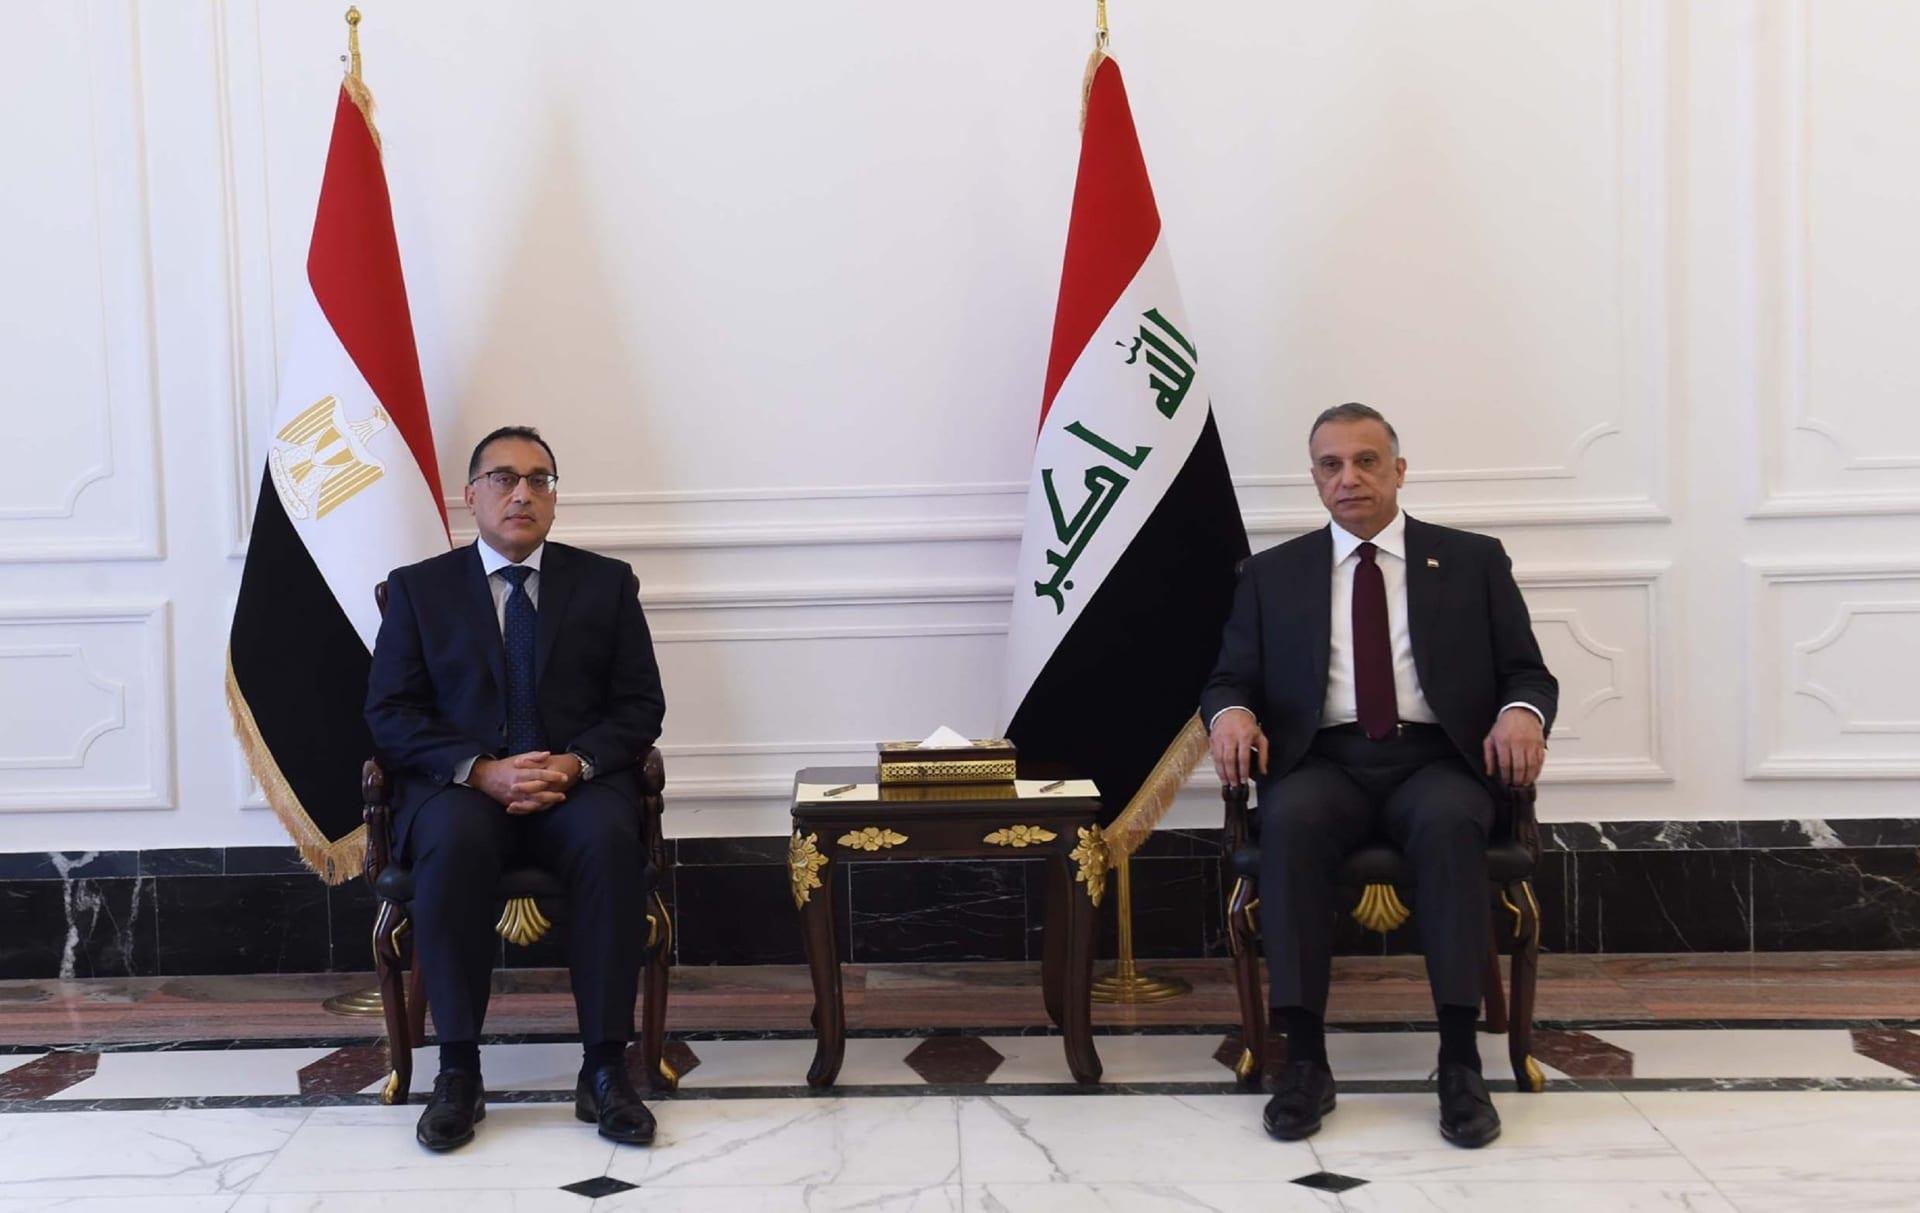 العراق ومصر يوقعان 15 مذكرة تفاهم خلال زيارة مدبولي إلى بغداد